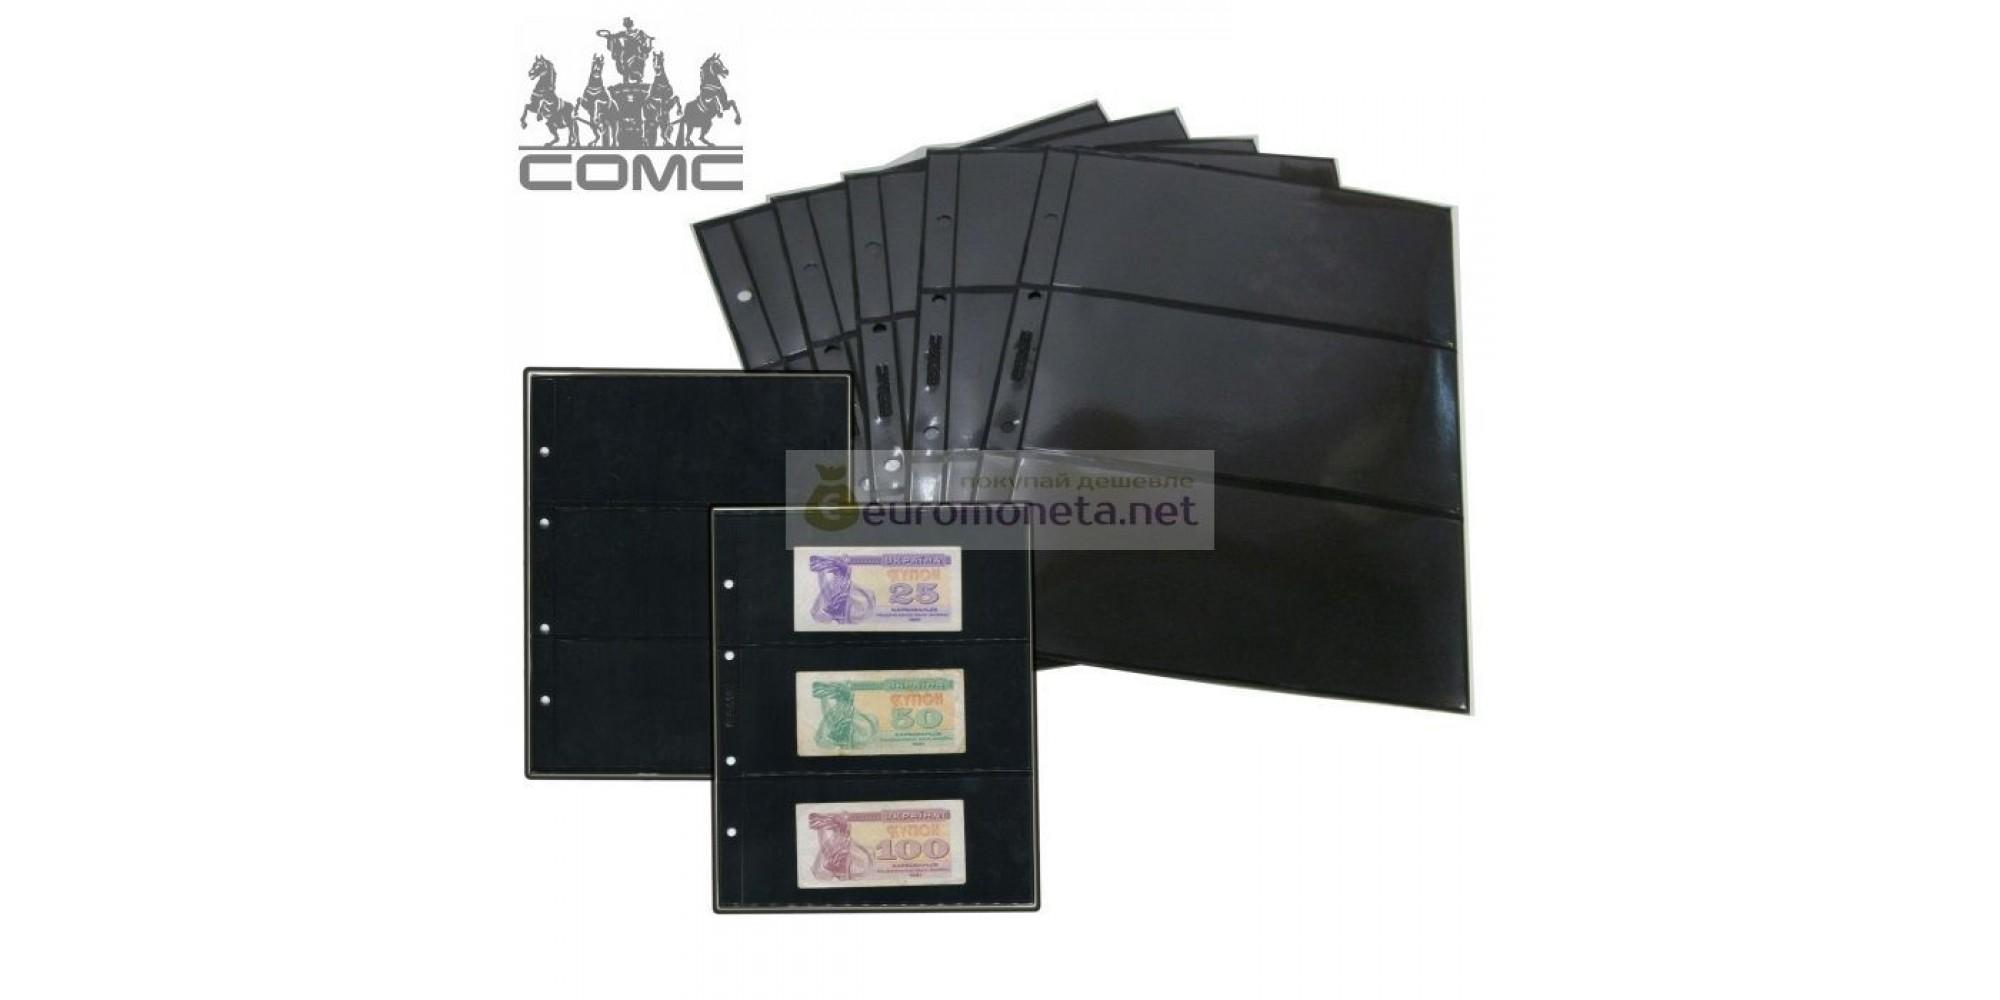 Лист для банкнот Optima, 3 ячейки на чёрной основе (6 ячеек, по 3 с каждой стороны), пр-во СОМС, Россия